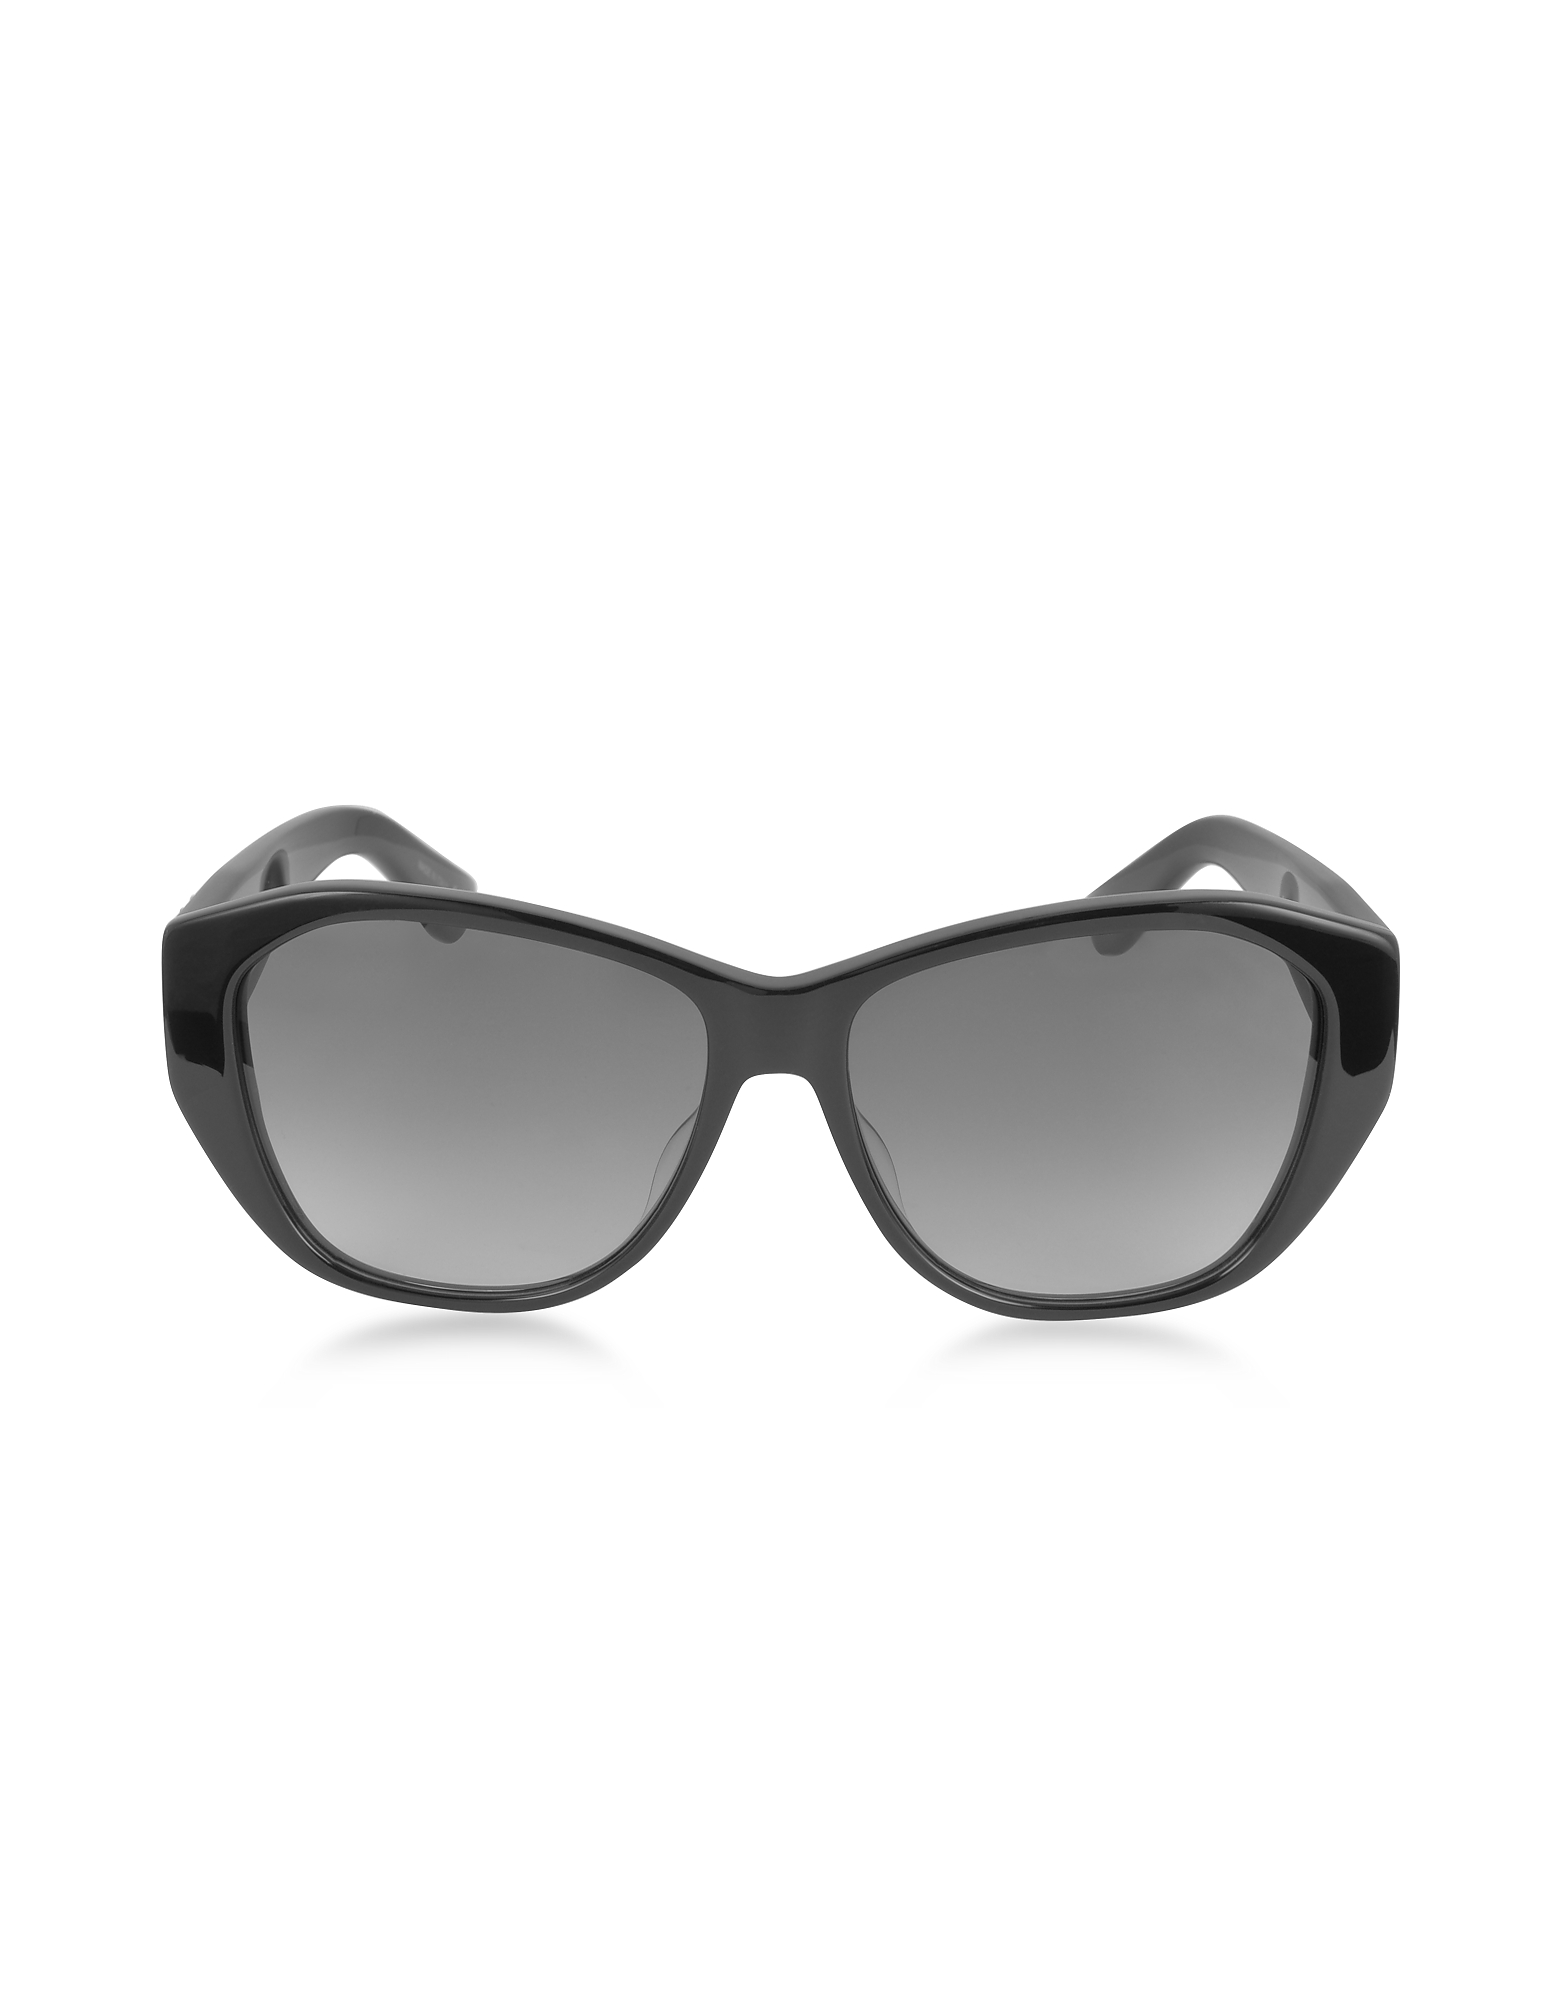 Фото SL M8 001 - Большие Черные Женские Солнечные Очки в Овальной Оправе. Купить с доставкой